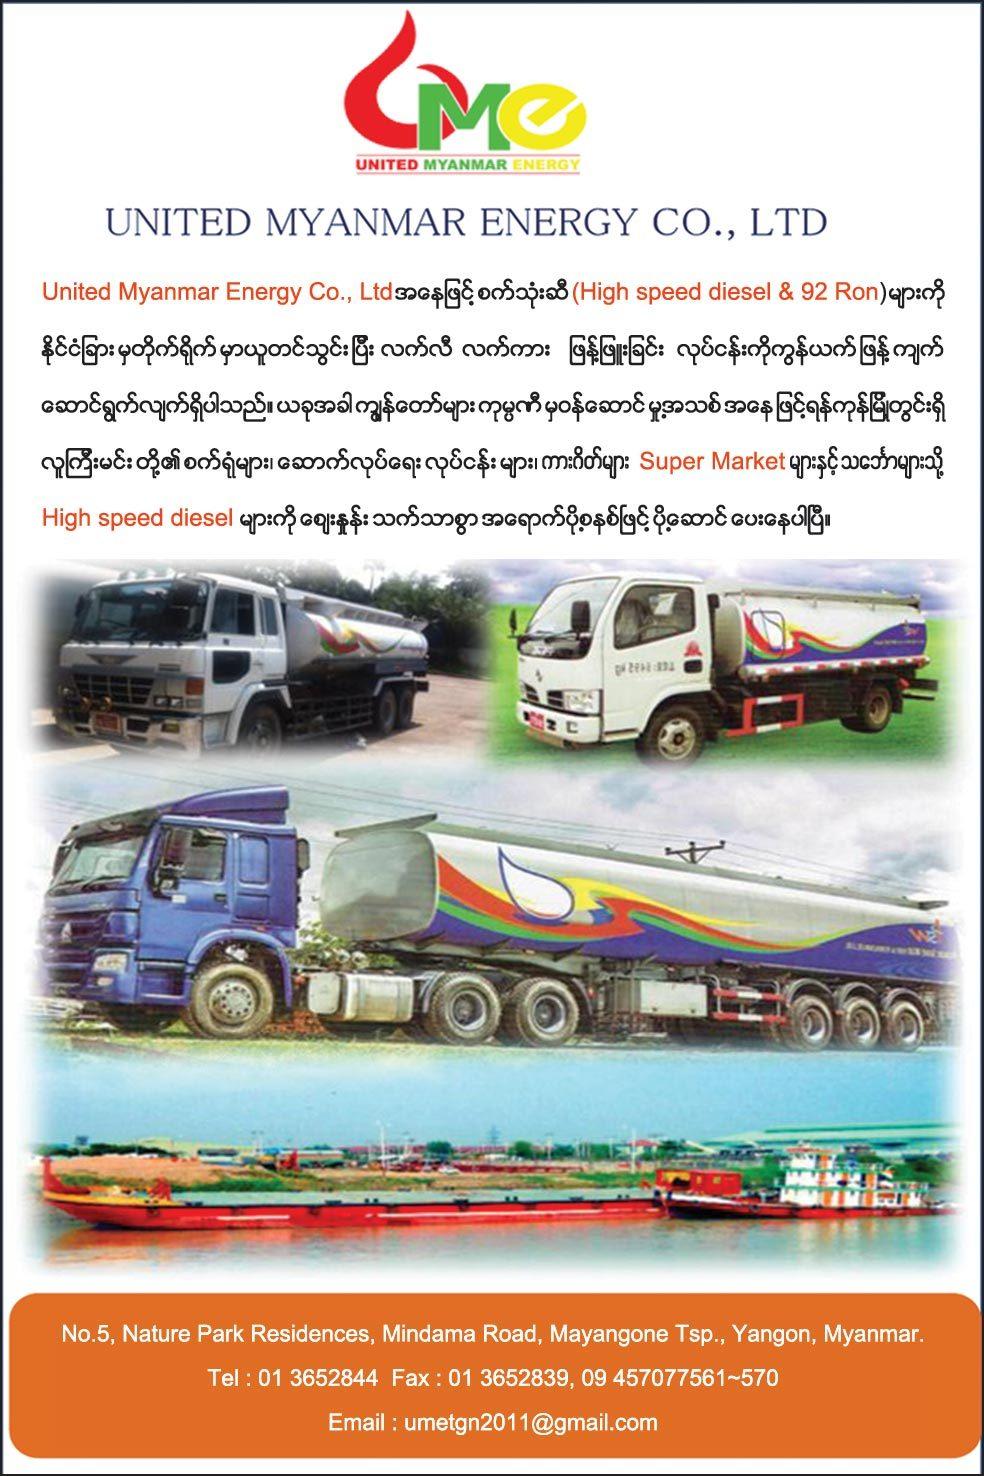 United-Myanmar-Energy-Co-Ltd_Filling-Stations_186.jpg